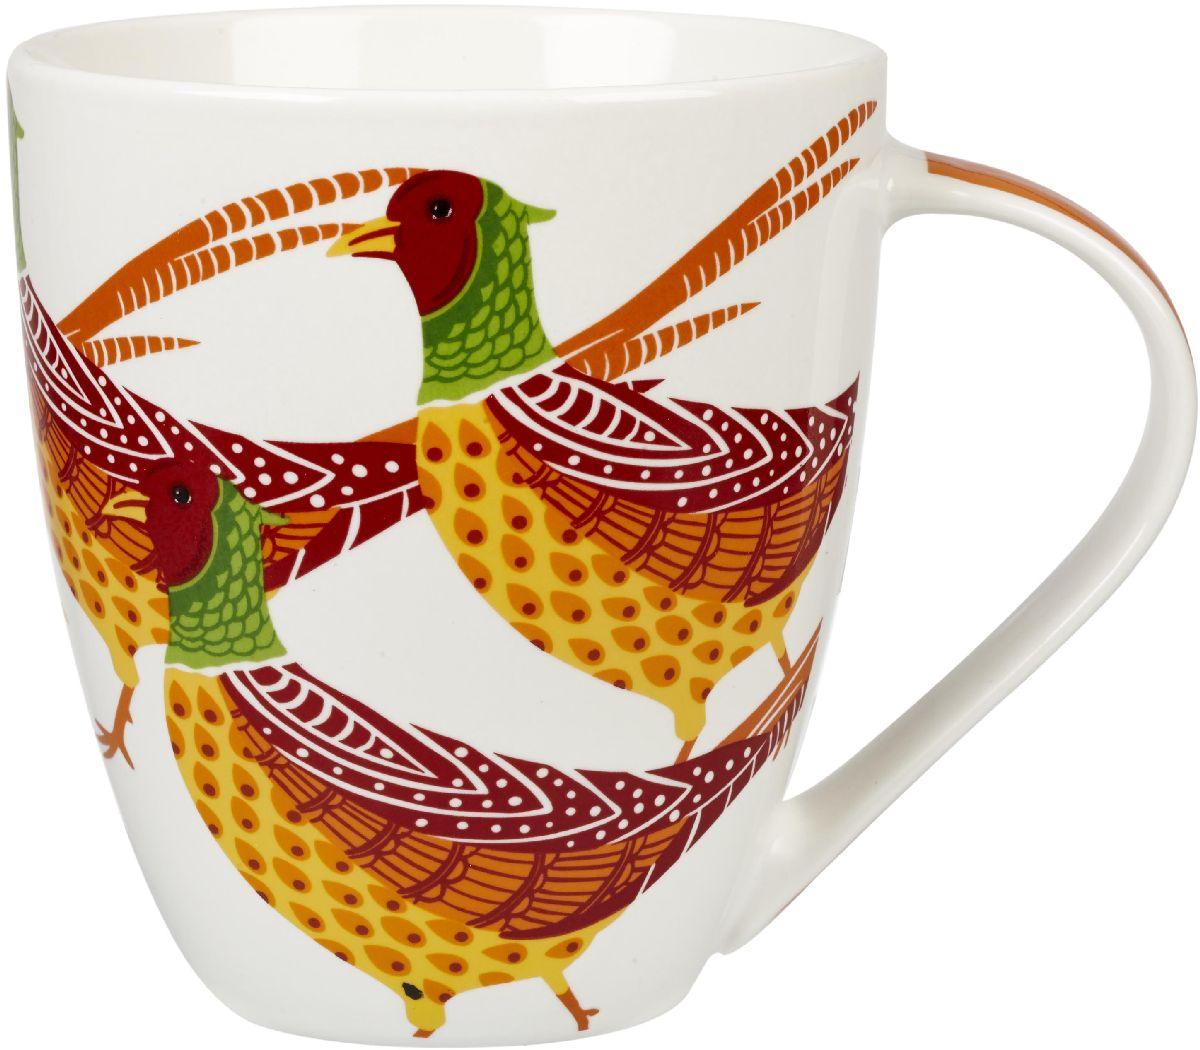 Кружка Churchill Фазаны, 500 млVT-1520(SR)Коллекция Кутюр использует эклектичное сочетание ярких цветов, чтобы создать самые модные узоры на посуде.